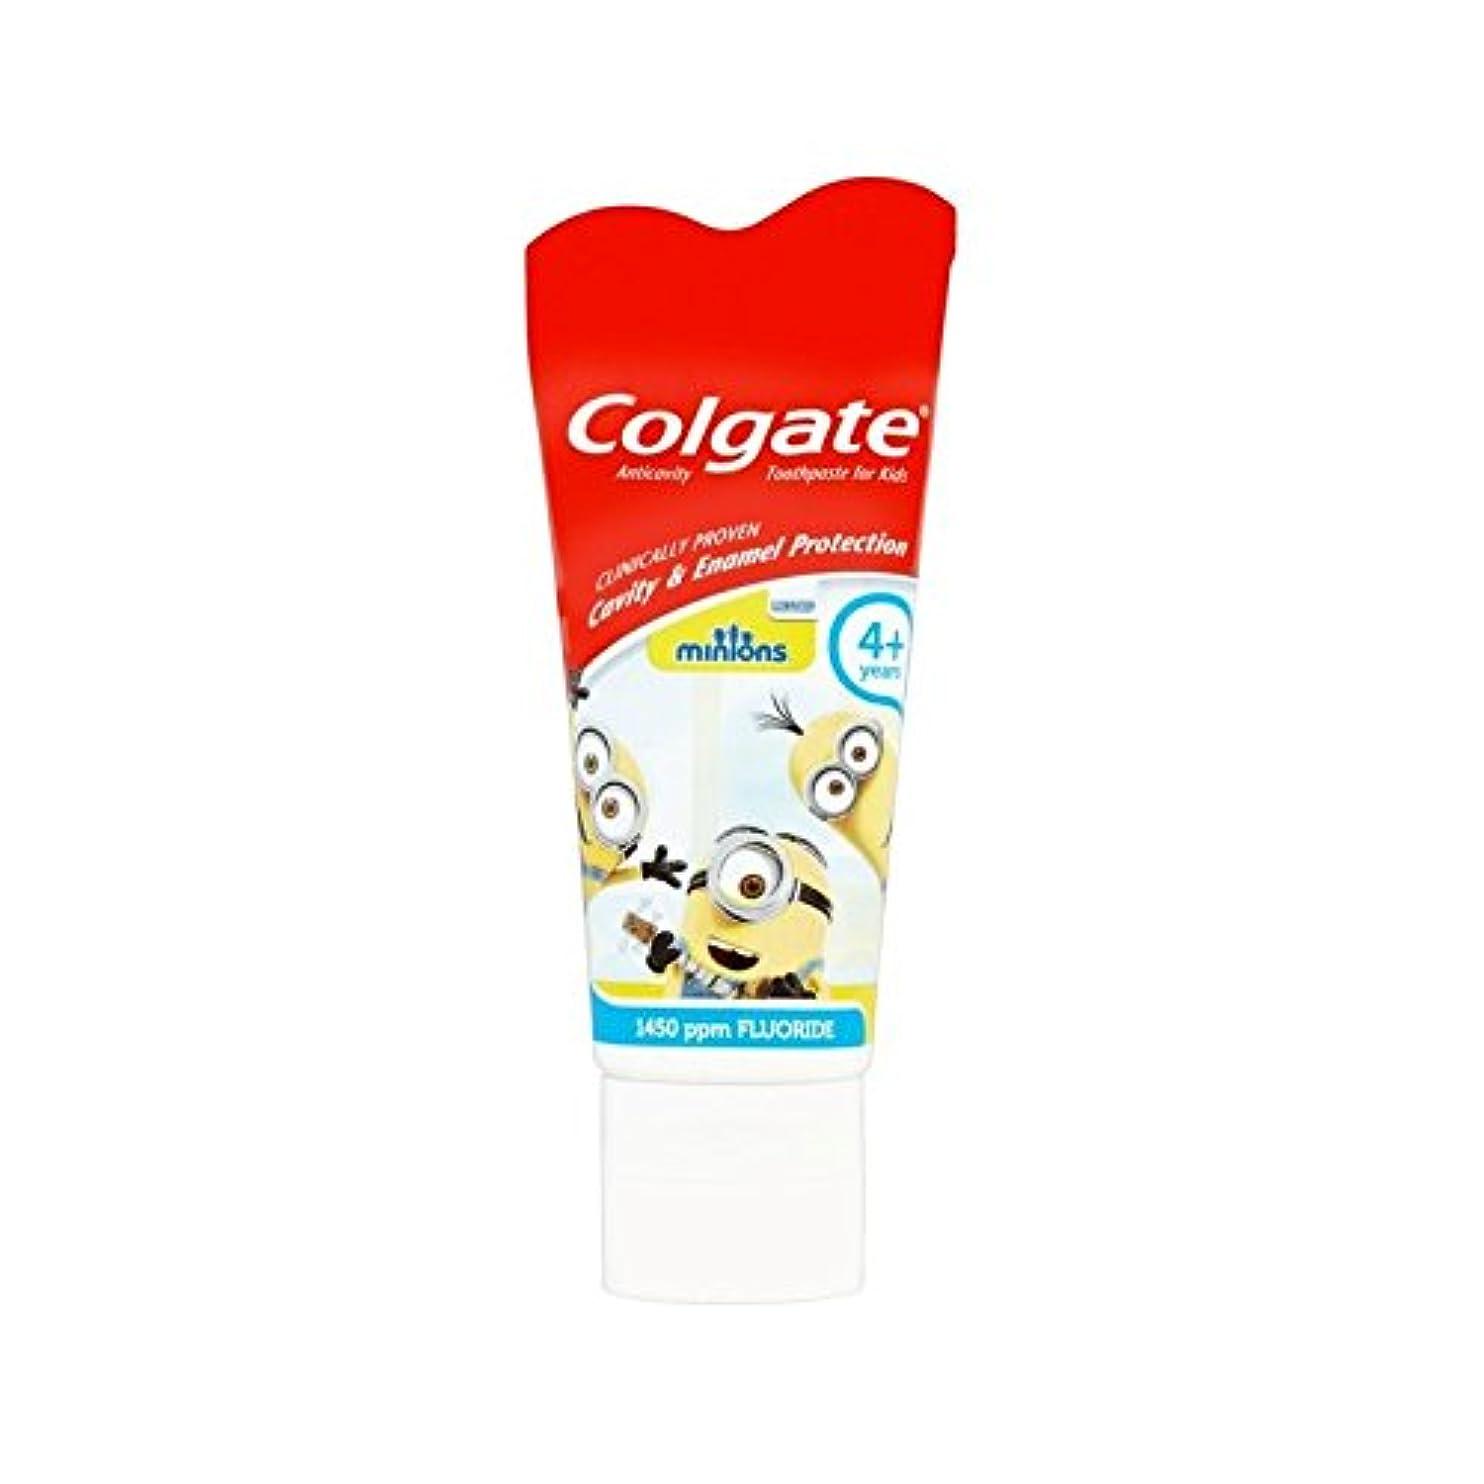 自発へこみ崇拝します手下の子供4+歯磨き粉50ミリリットル (Colgate) (x 4) - Colgate Minions Kids 4+ Toothpaste 50ml (Pack of 4) [並行輸入品]